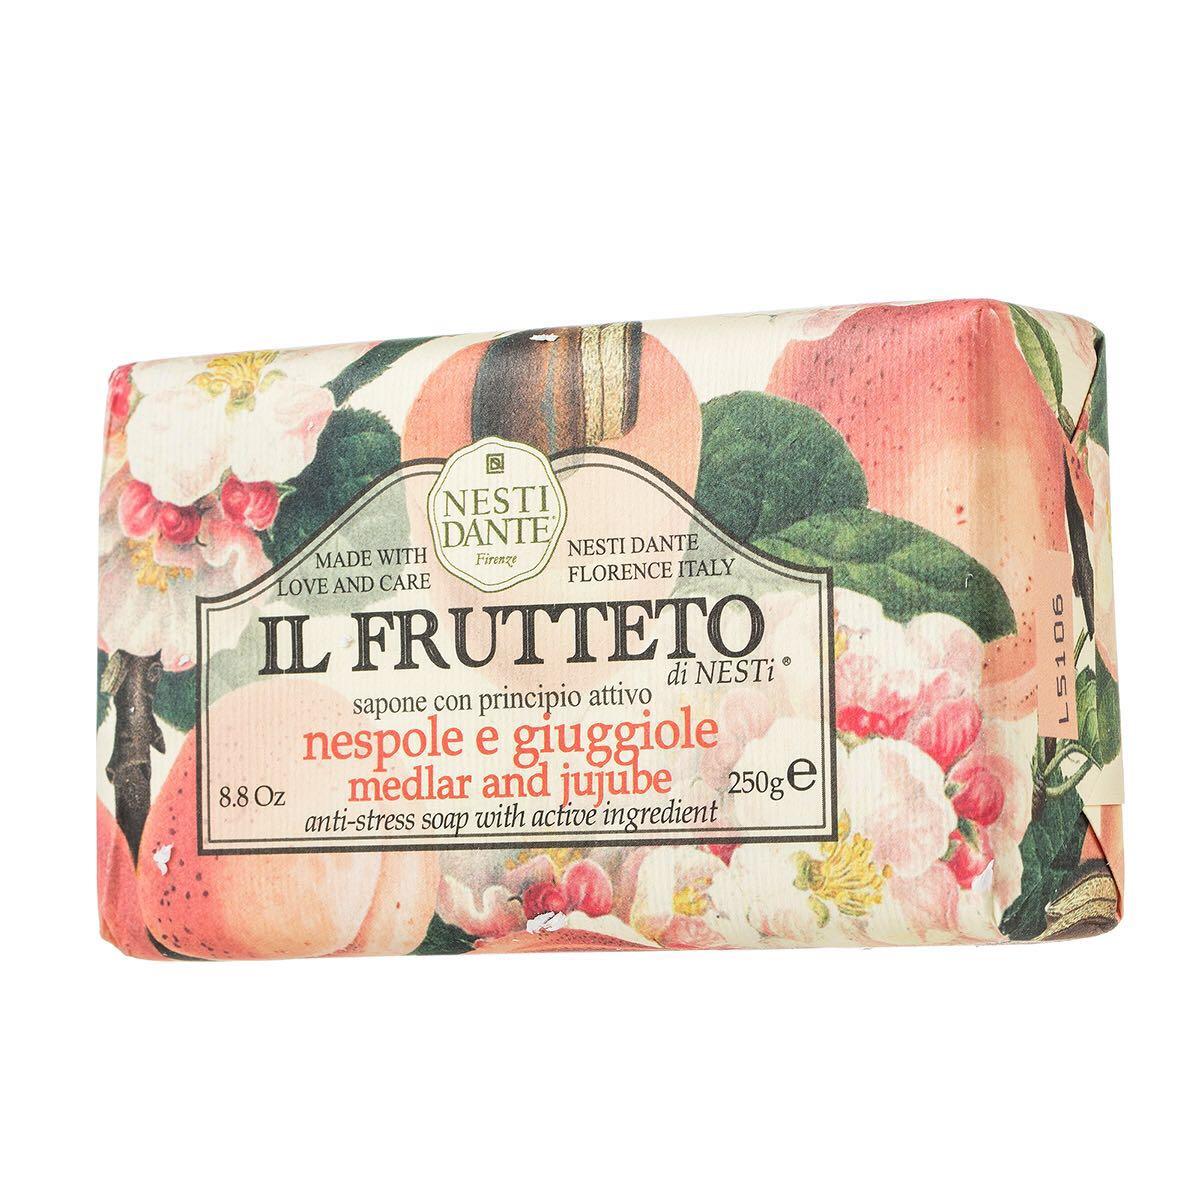 意大利进口内斯蒂丹特Nesti Dante芳菲果园蜜枣枸杞子沐浴皂250g